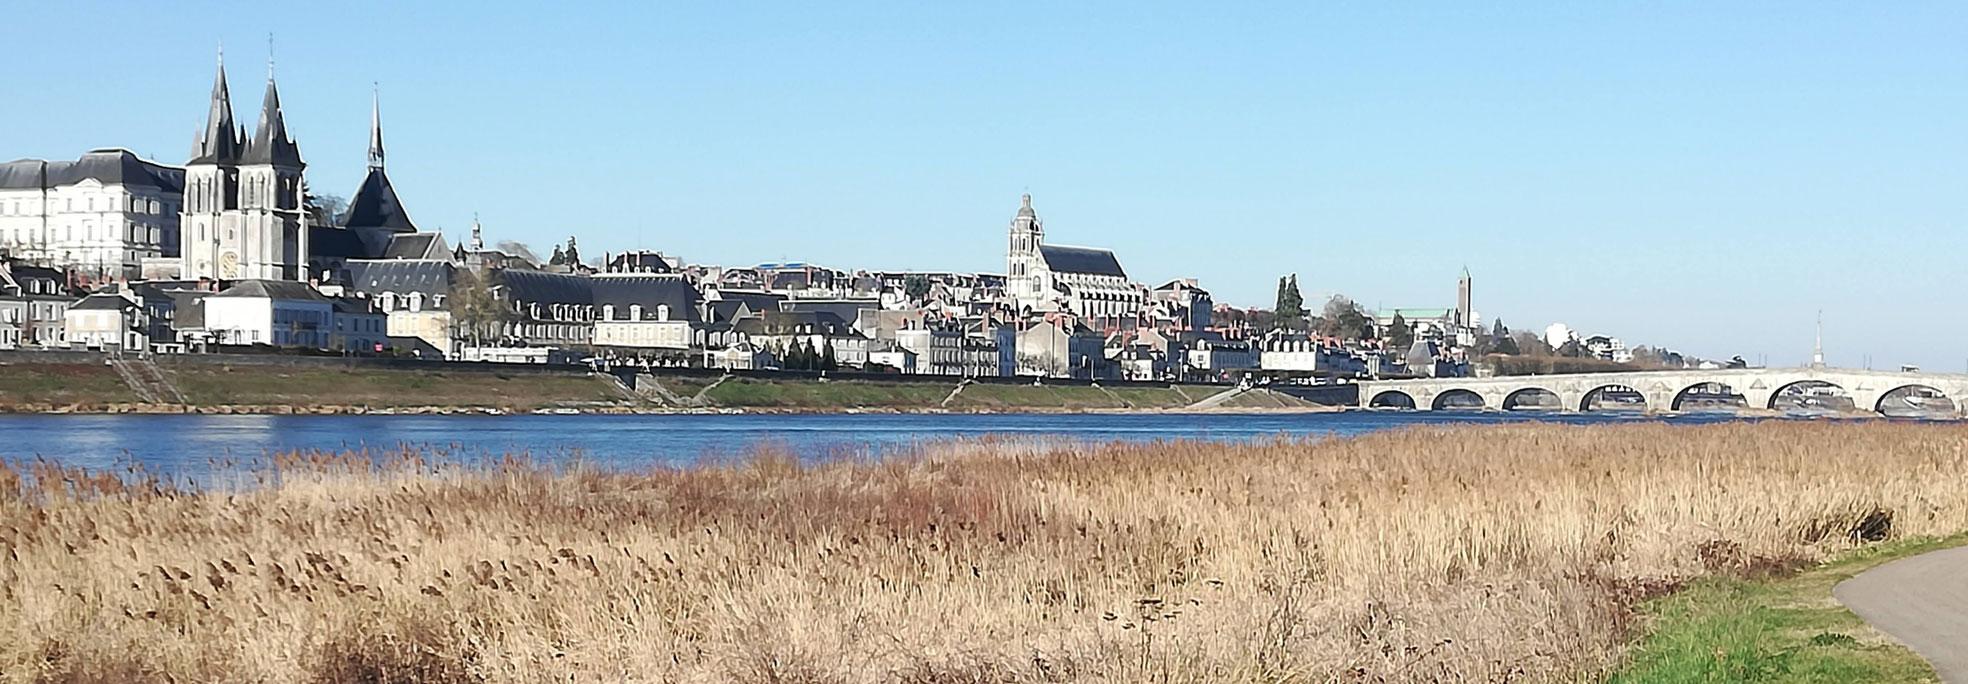 Blois-region-centre-val-de-loire